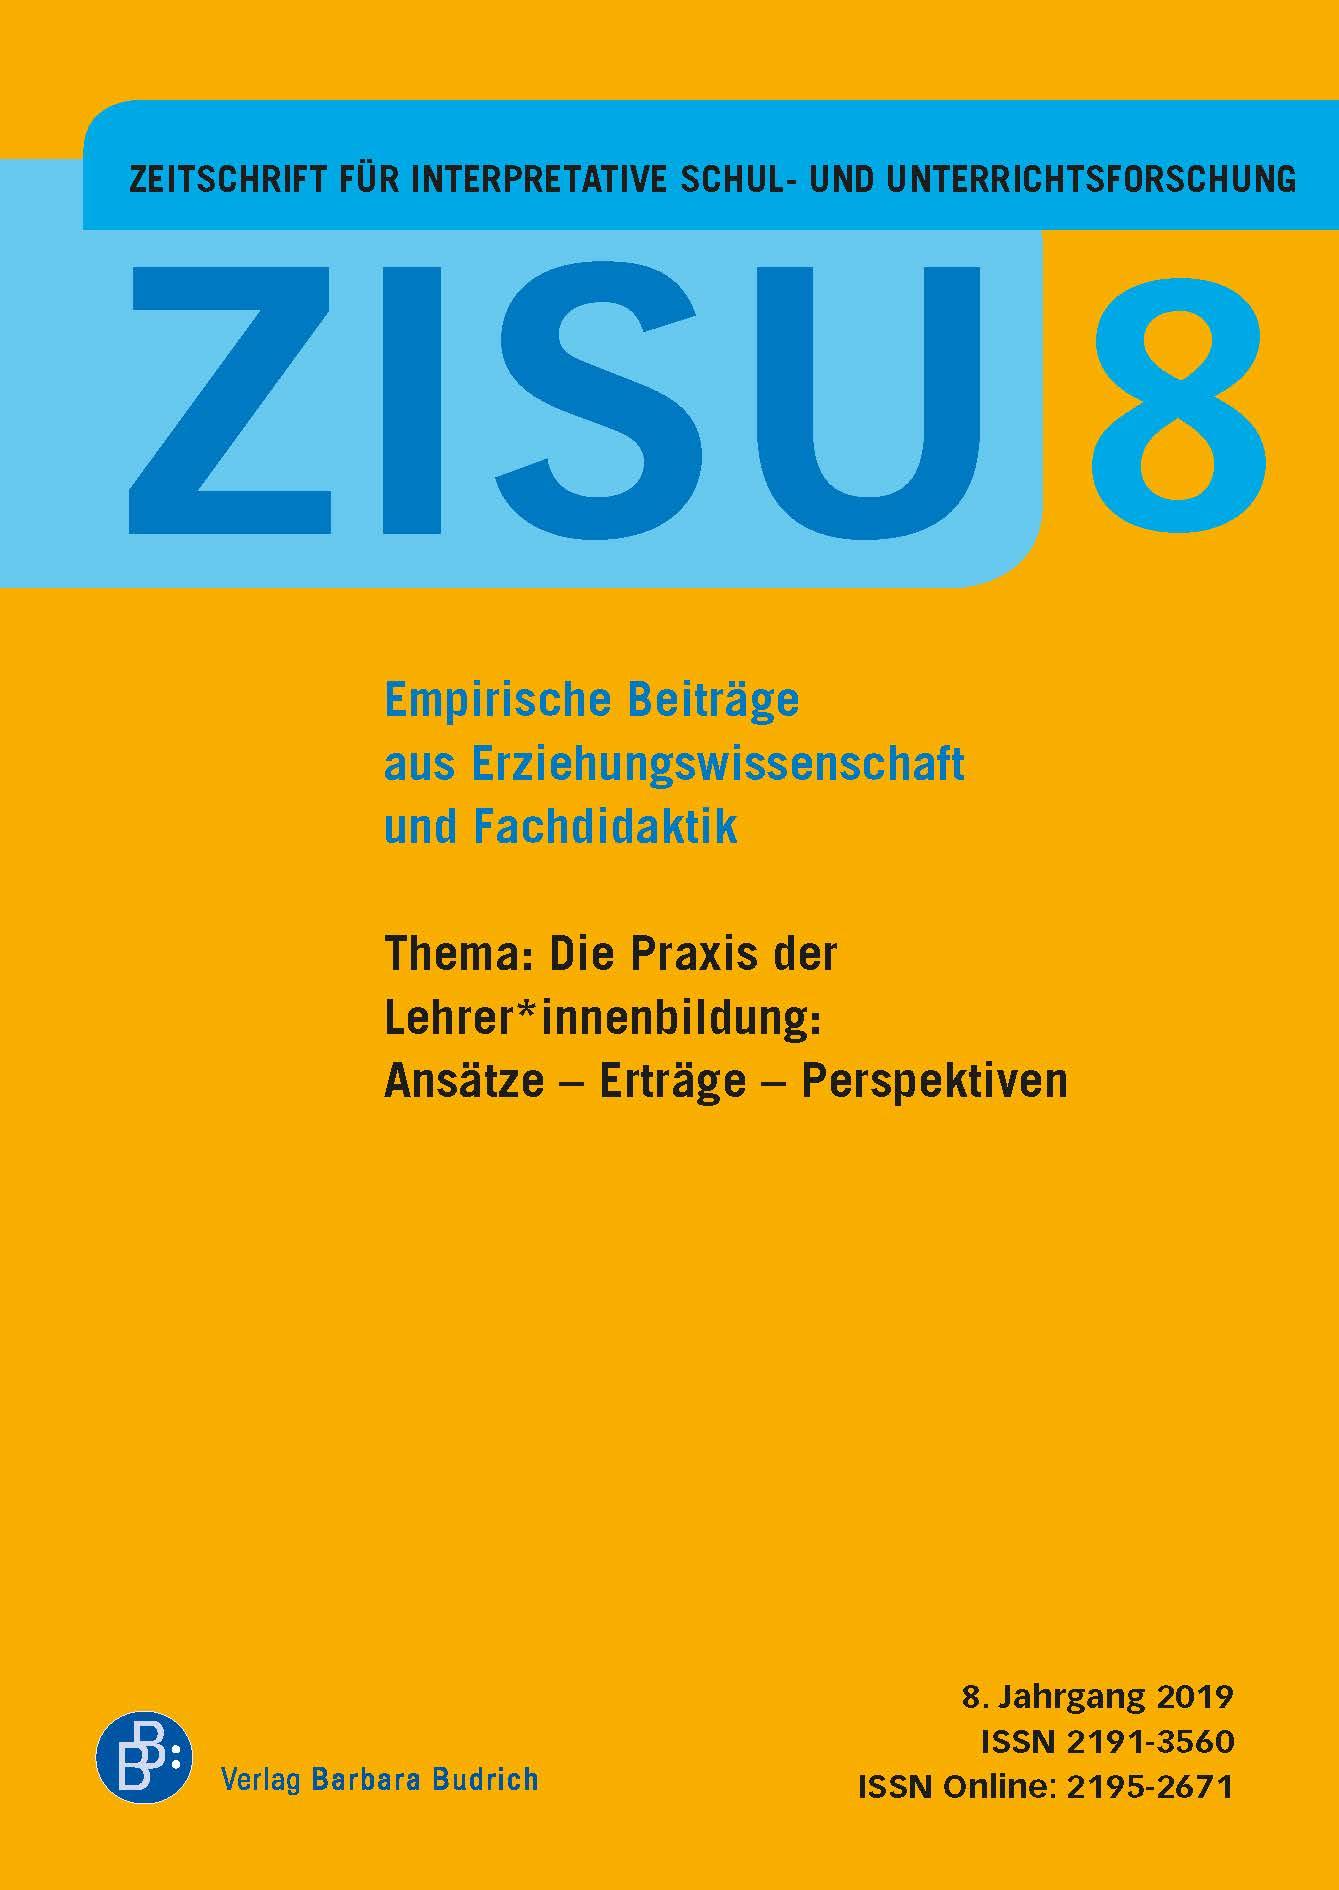 ZISU – Zeitschrift für interpretative Schul- und Unterrichtsforschung 2019: Die Praxis der Lehrer*innenbildung: Ansätze – Erträge – Perspektiven